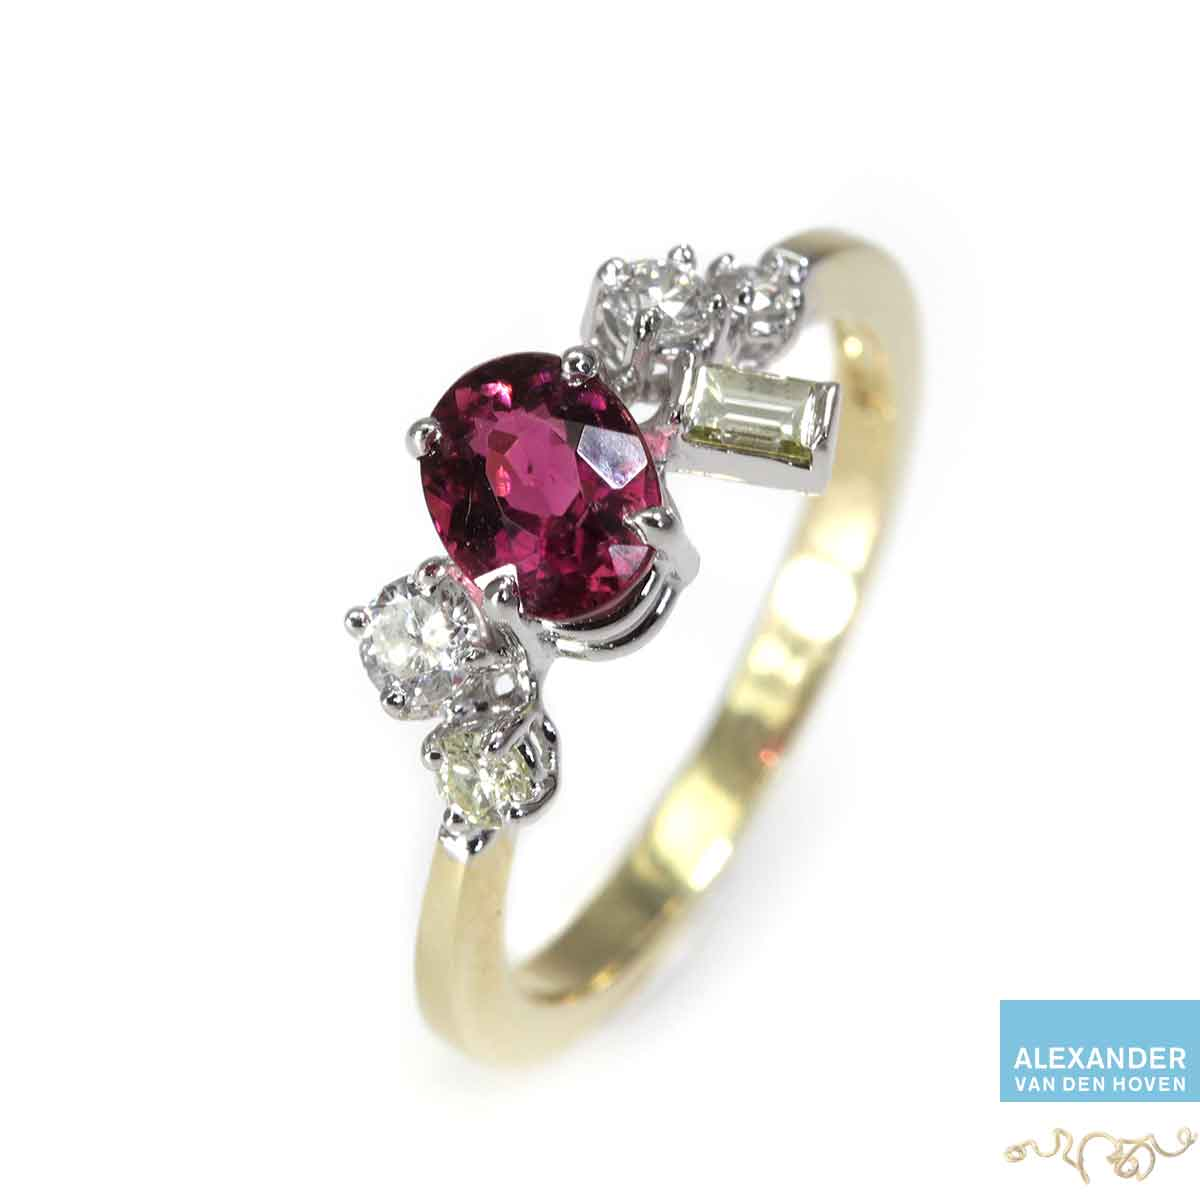 gouden ring met rode tourmalijn, lijkt op Robijn en Diamanten